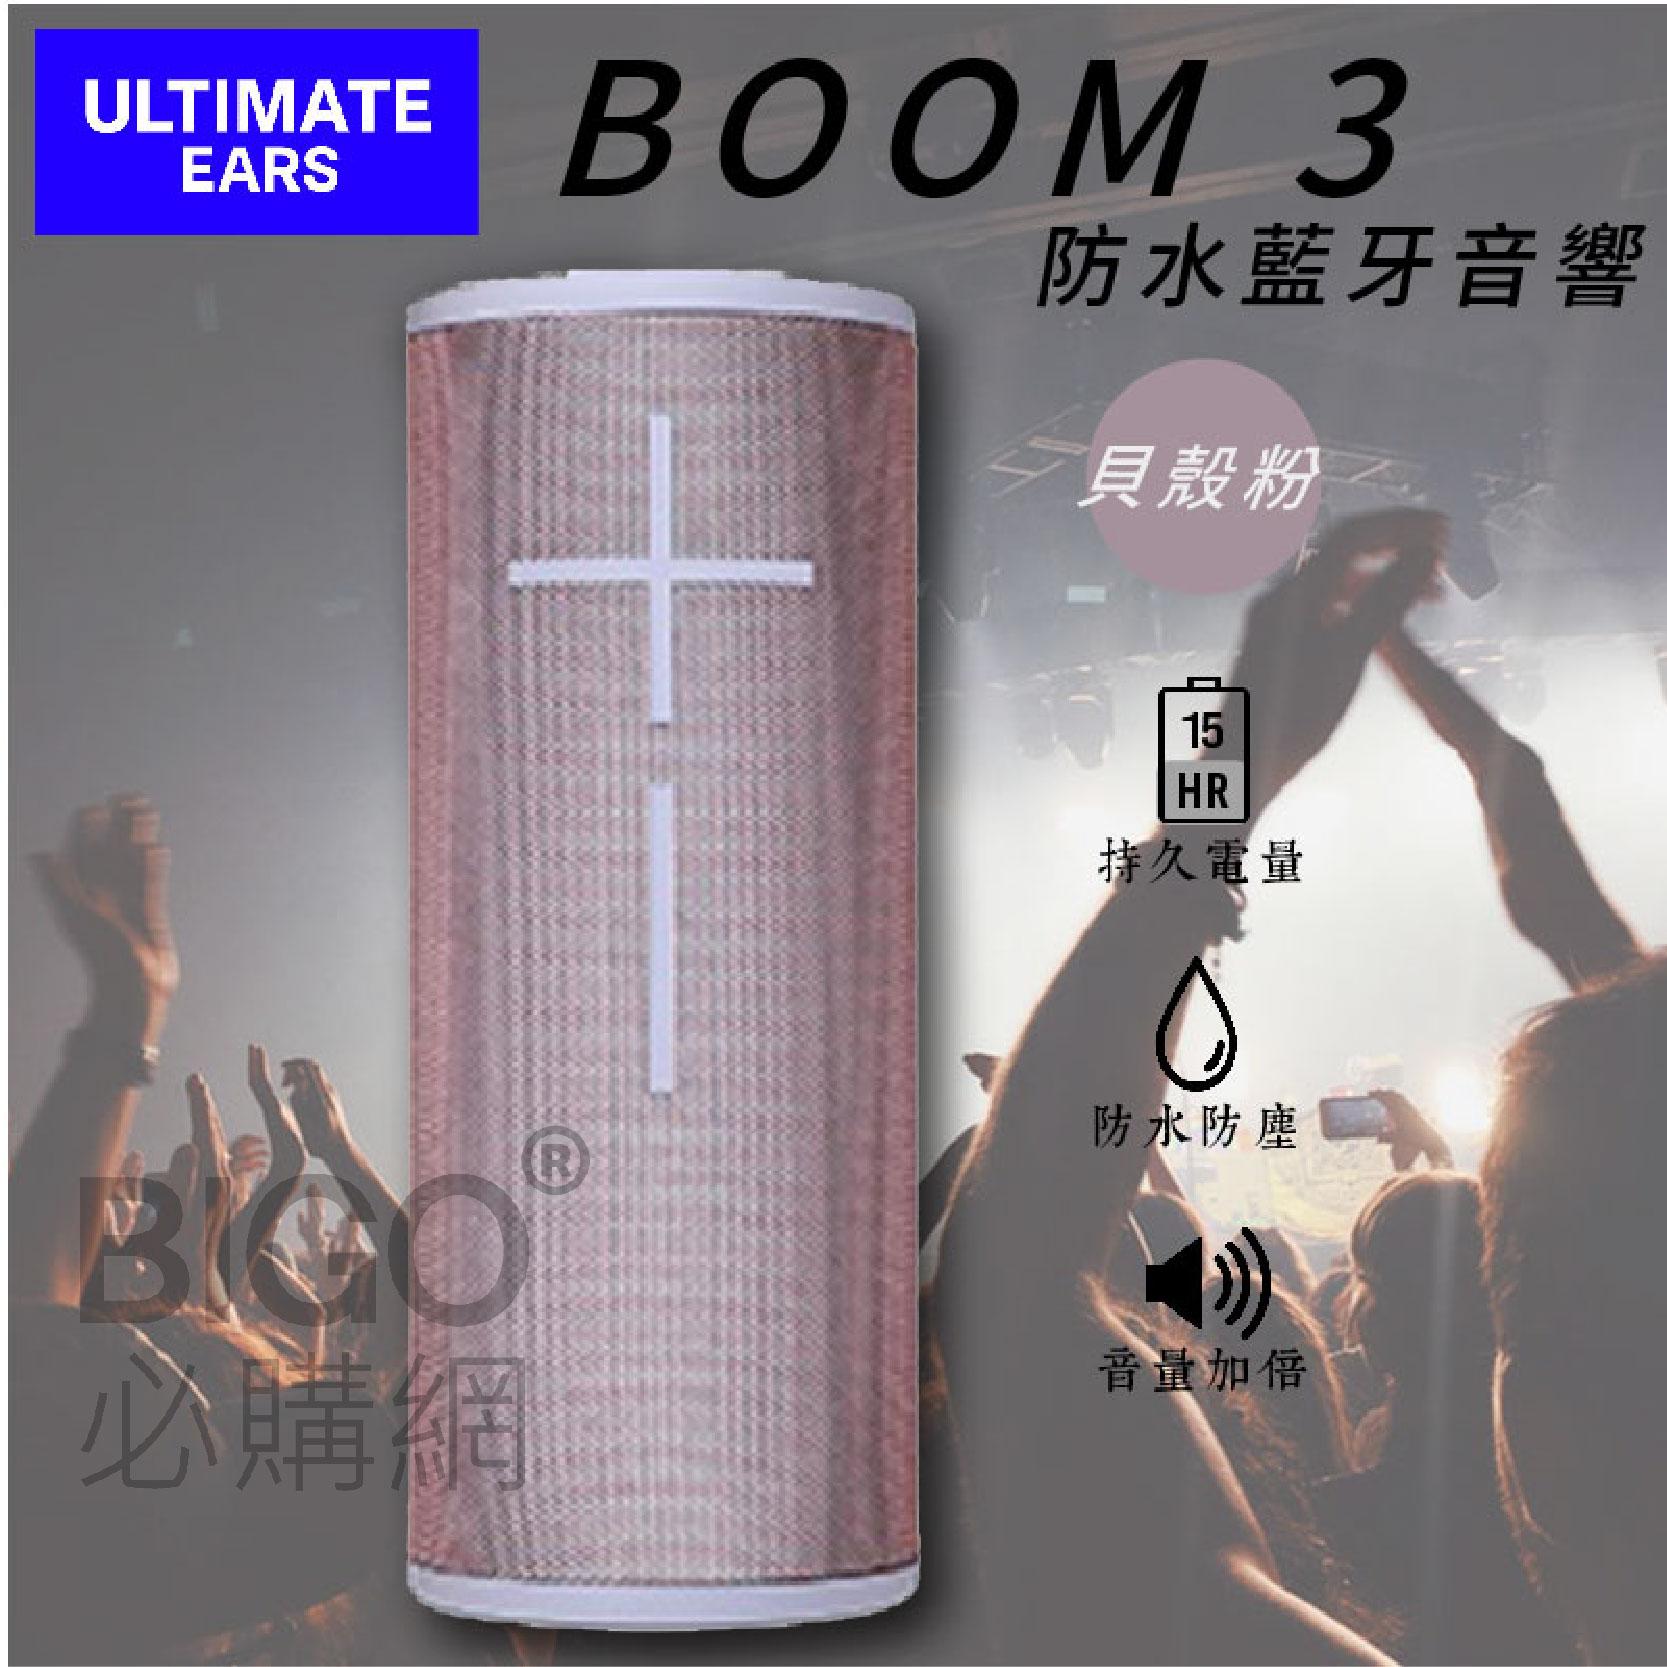 超大音量美國UE  藍芽喇叭BOOM3 貝殼粉  防水 防塵 可浮水  IP67 音量增強 操作簡易 攜帶輕便 無線